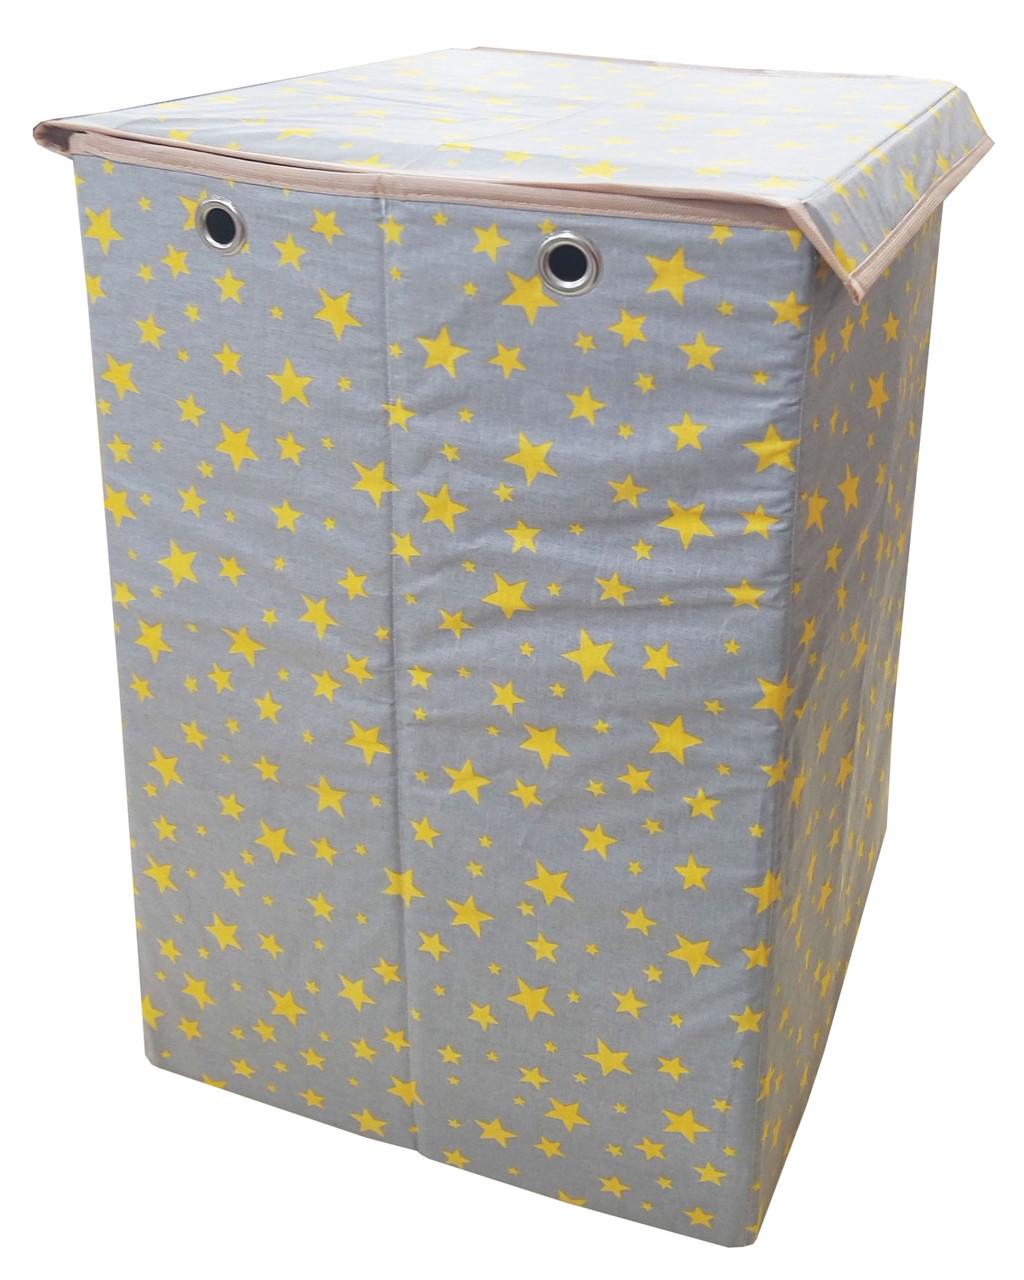 Ящик для зберігання іграшок, 30*30*45 см, (бавовна), Зірки на сірому ( з кришкою )